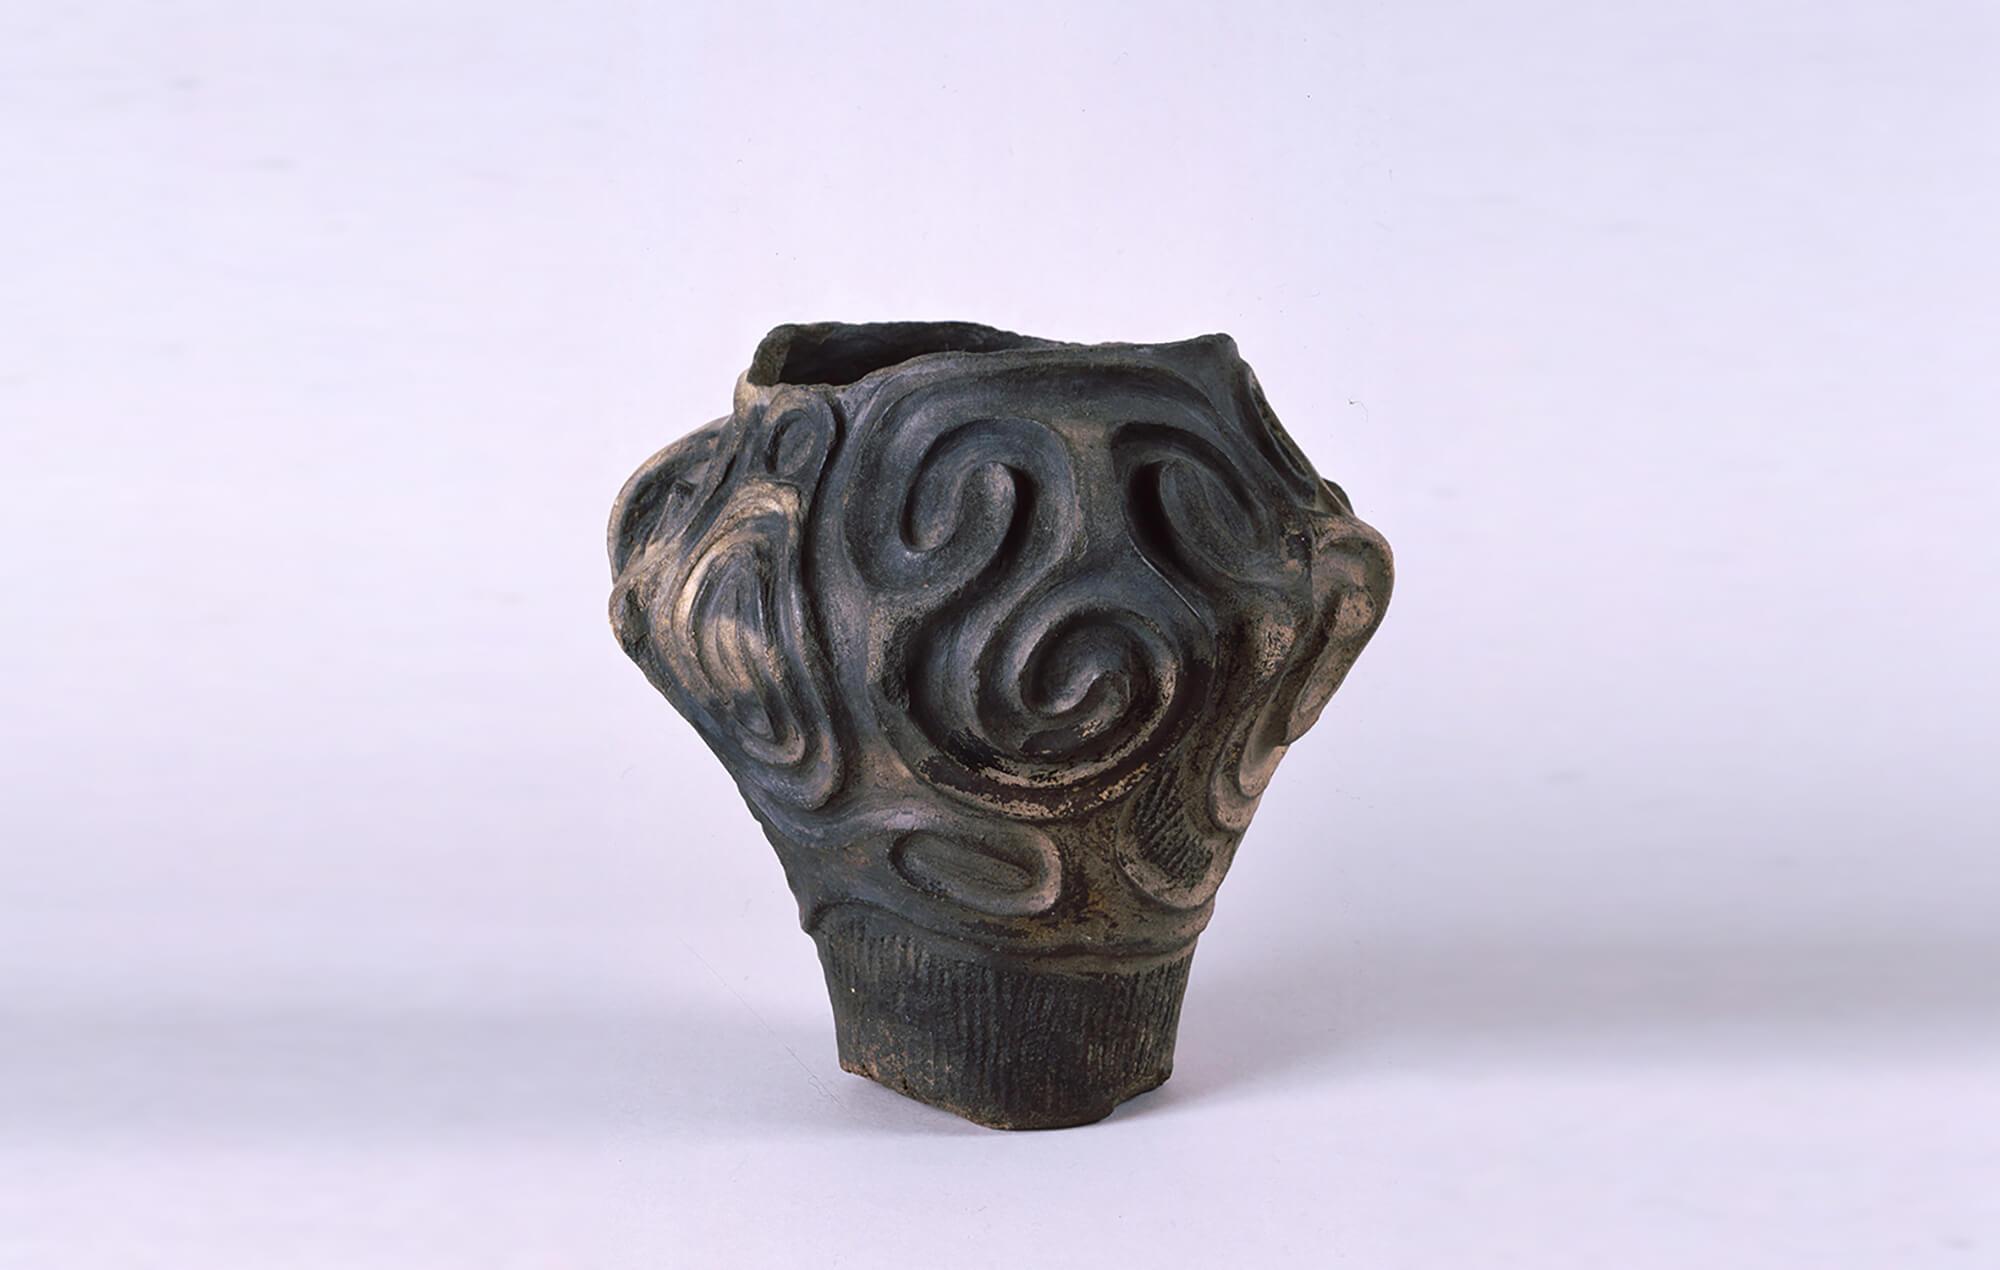 県重宝 深鉢形土器(伝堀田遺跡出土) 八戸市博物館蔵